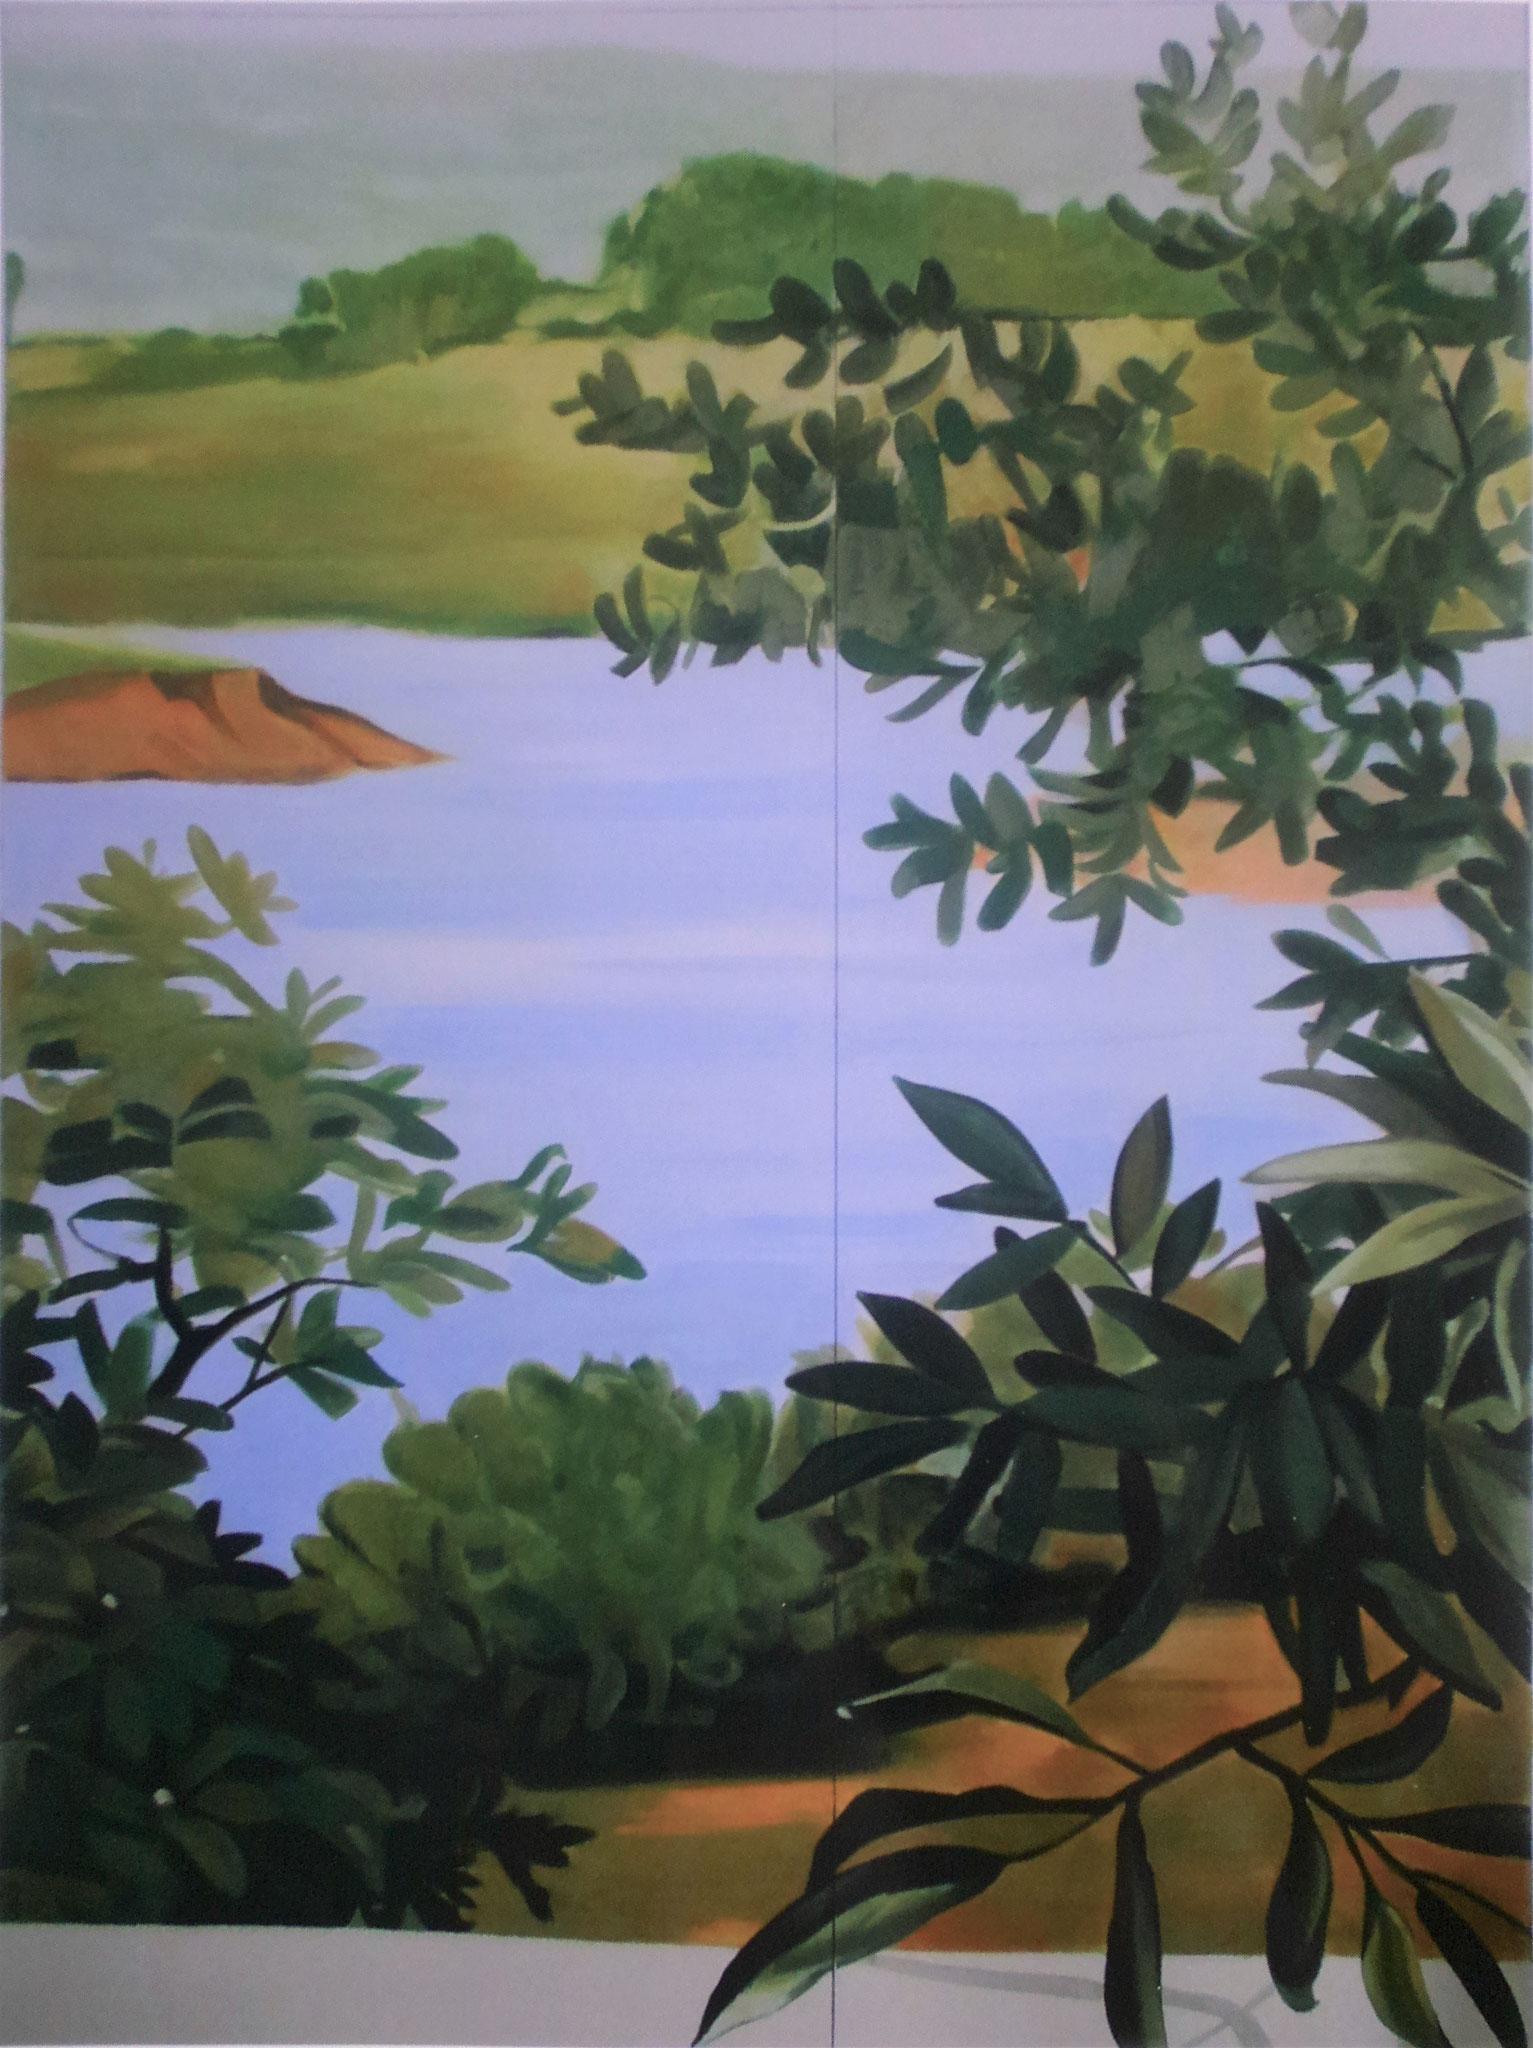 Dekoration für Cafe', Akryl auf Holz, 205 x 280 cm